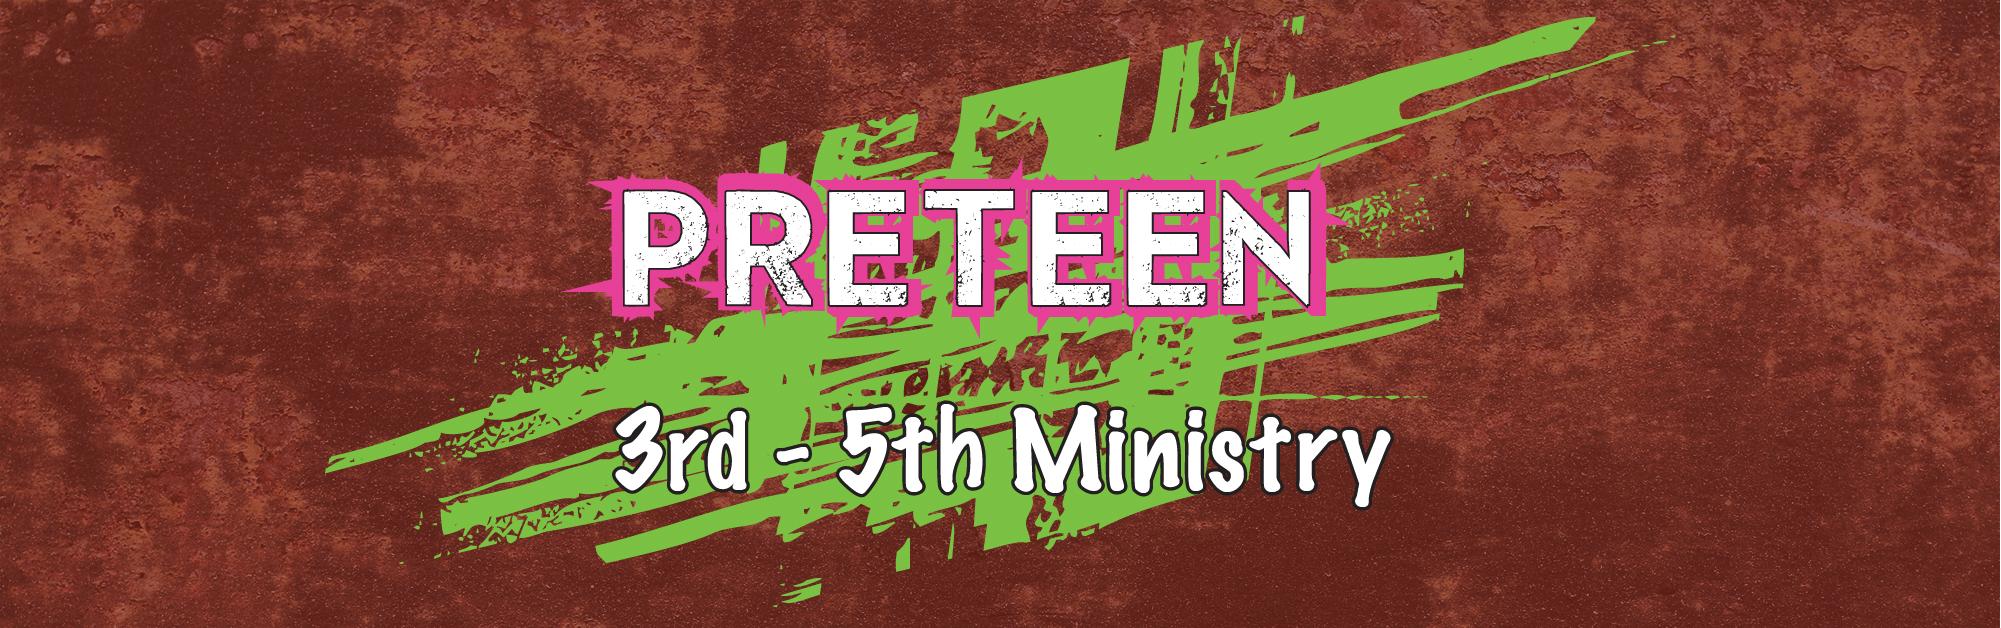 Preteen Web Banner.jpg